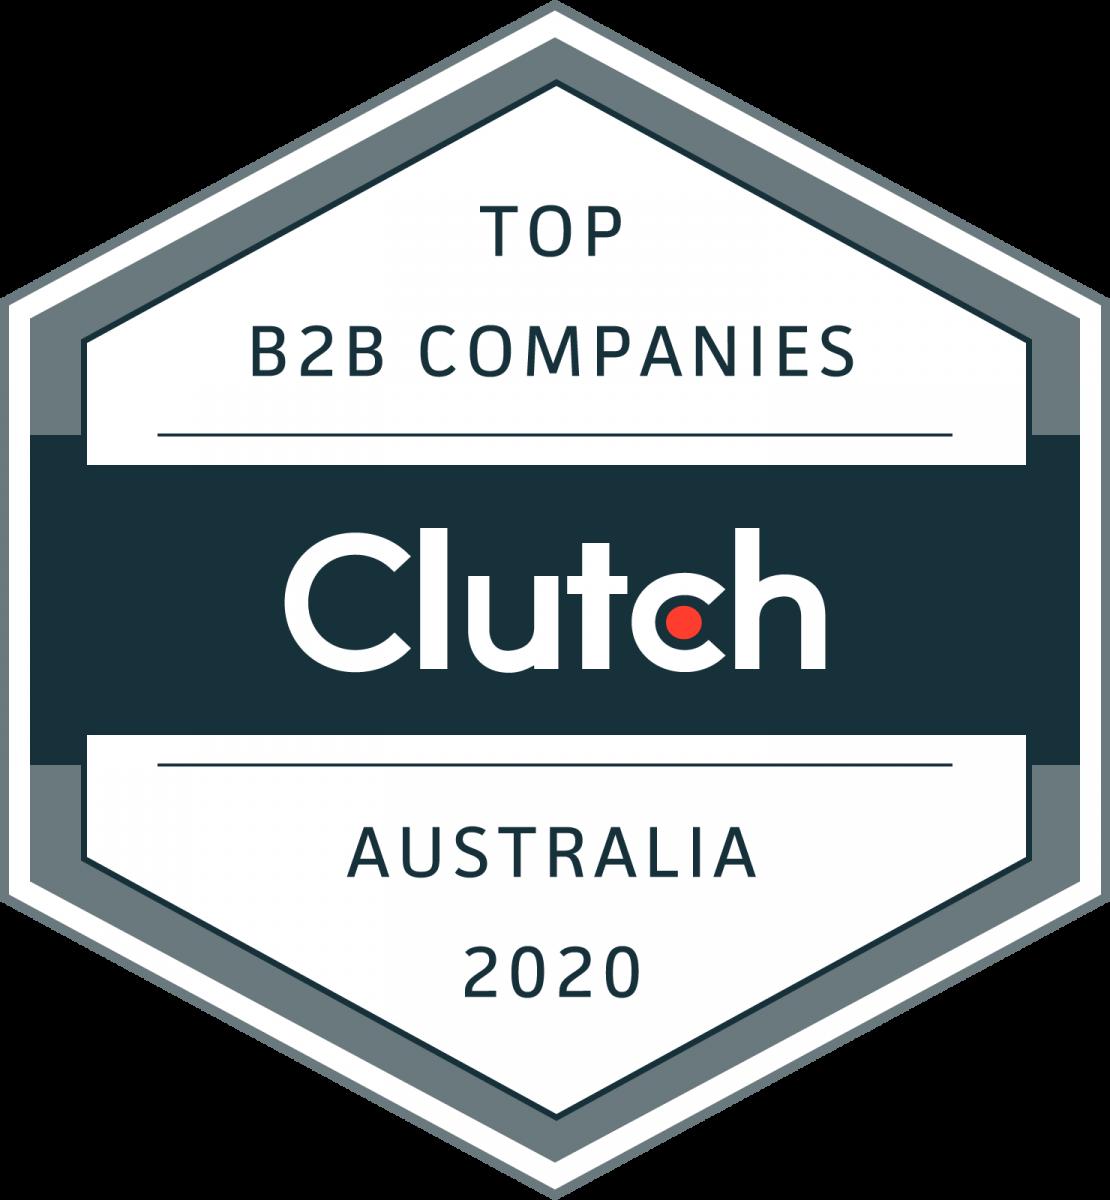 australia b2b leaders 2020